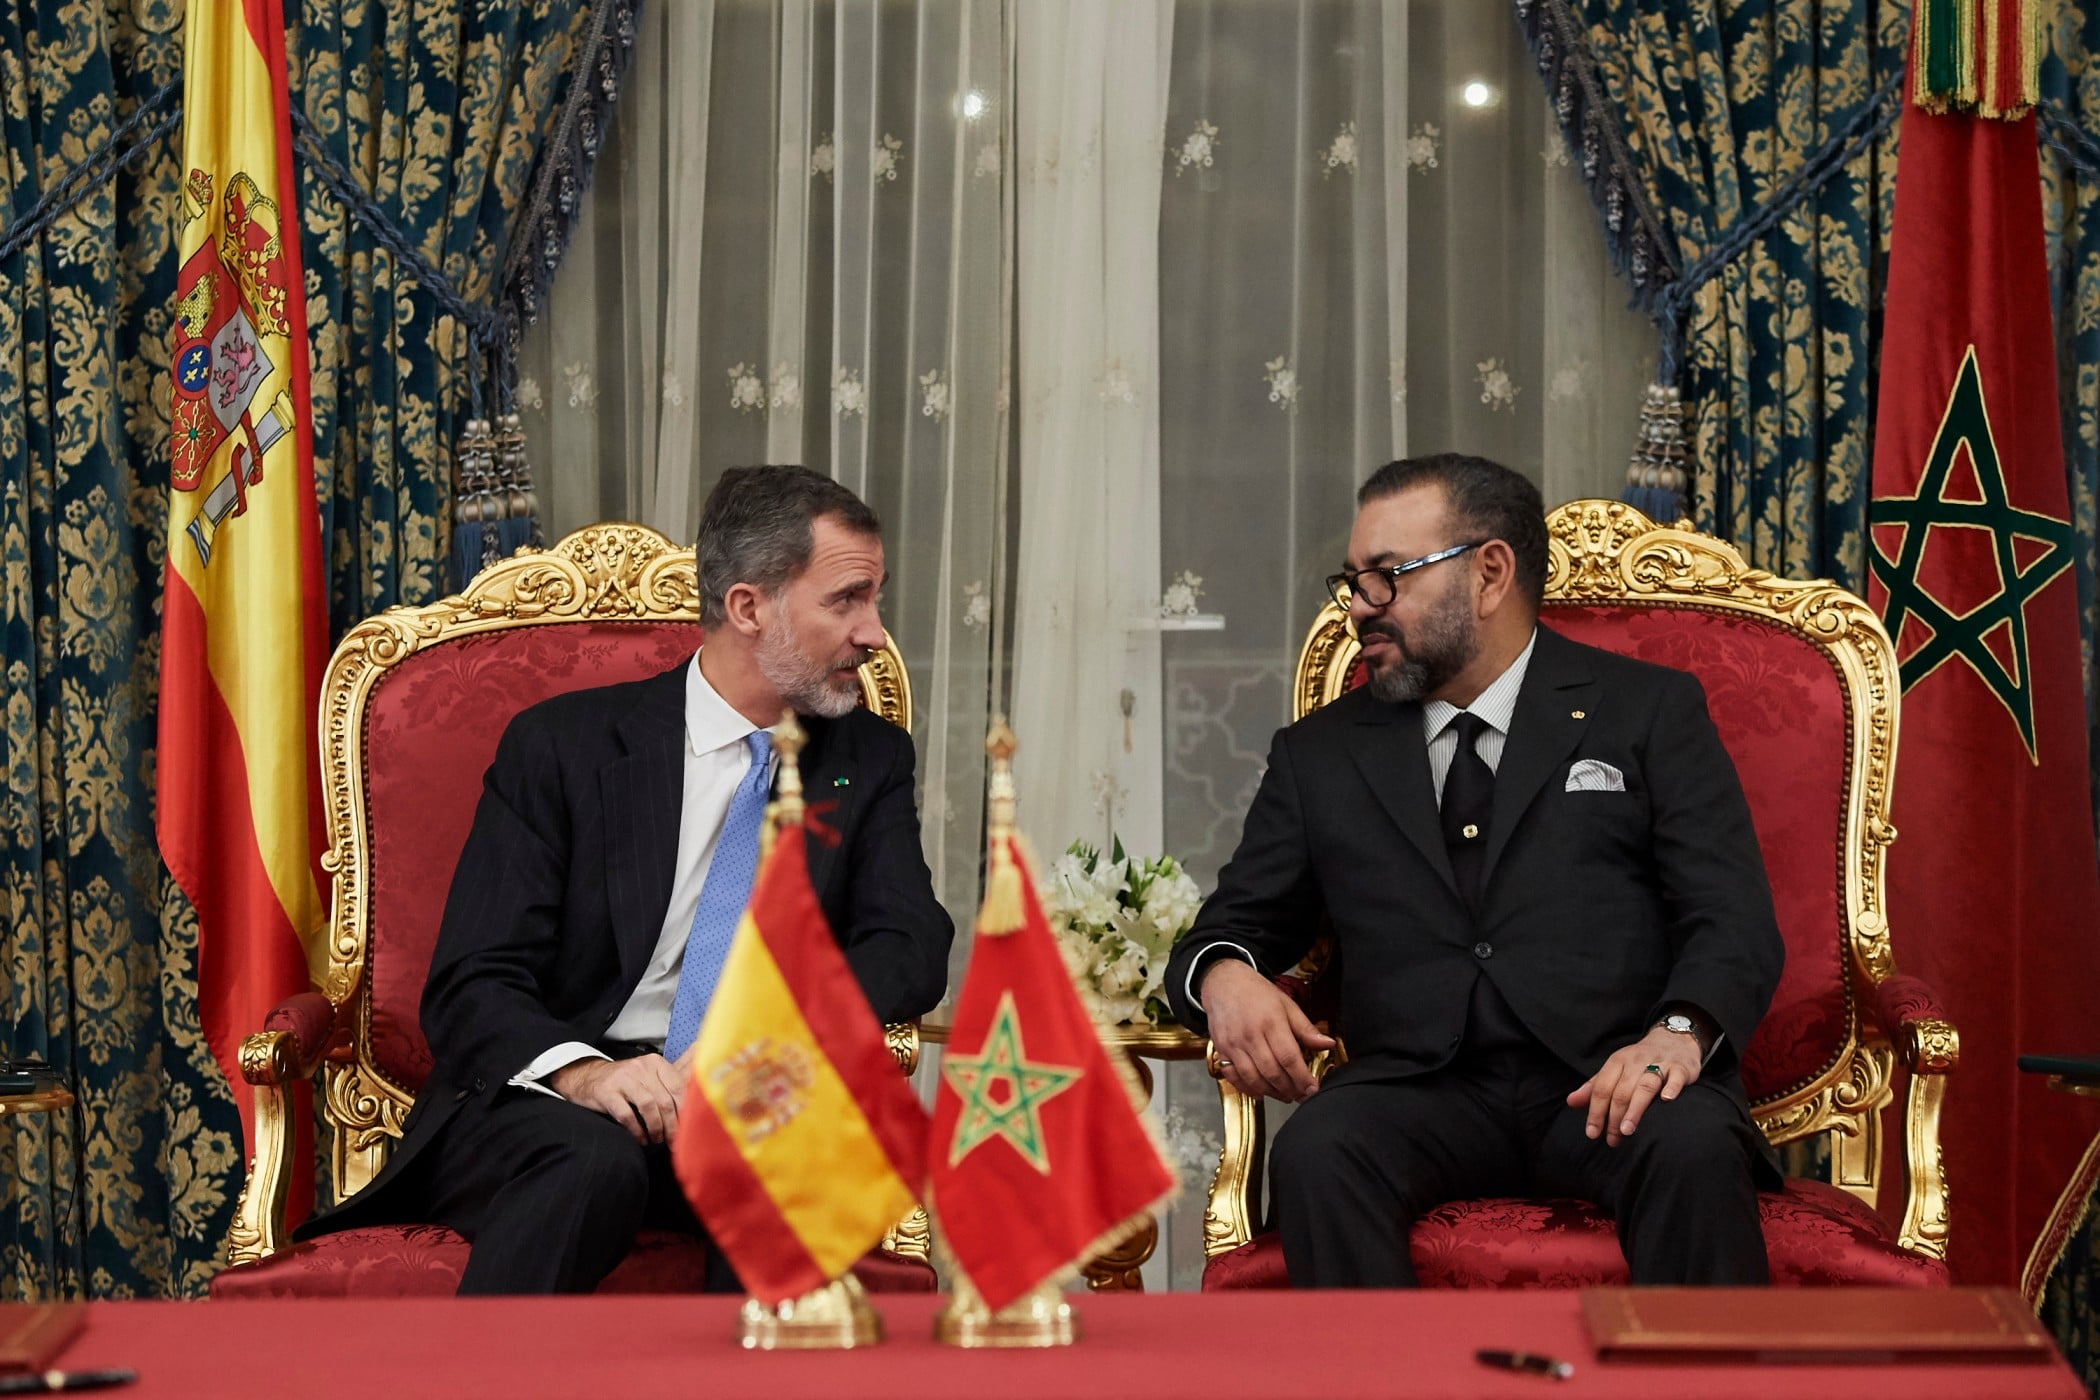 المغرب وإسبانيا إلى أين